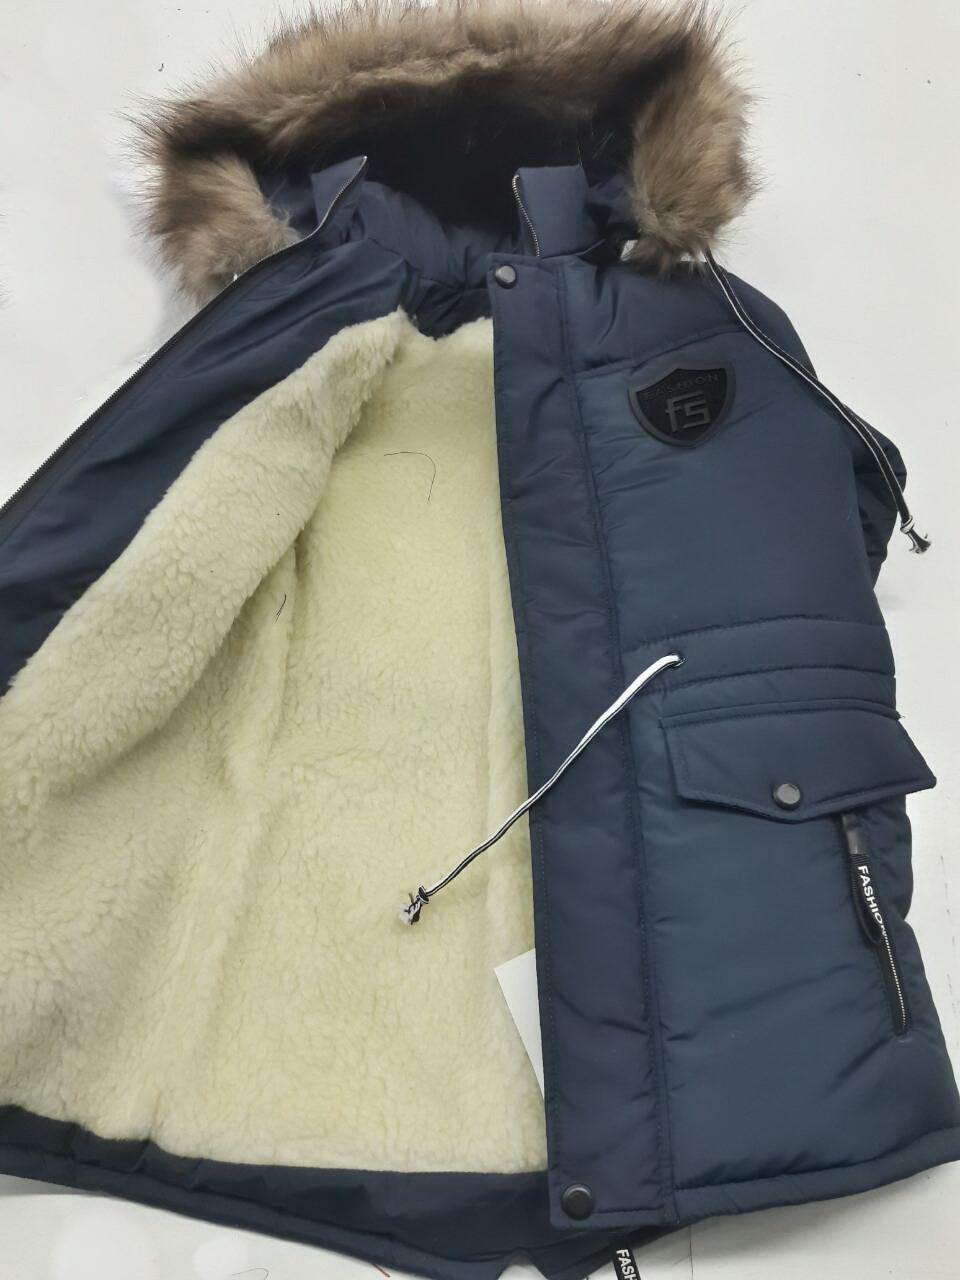 Практичная куртка-парка на меху для мальчика-подростка 146-164